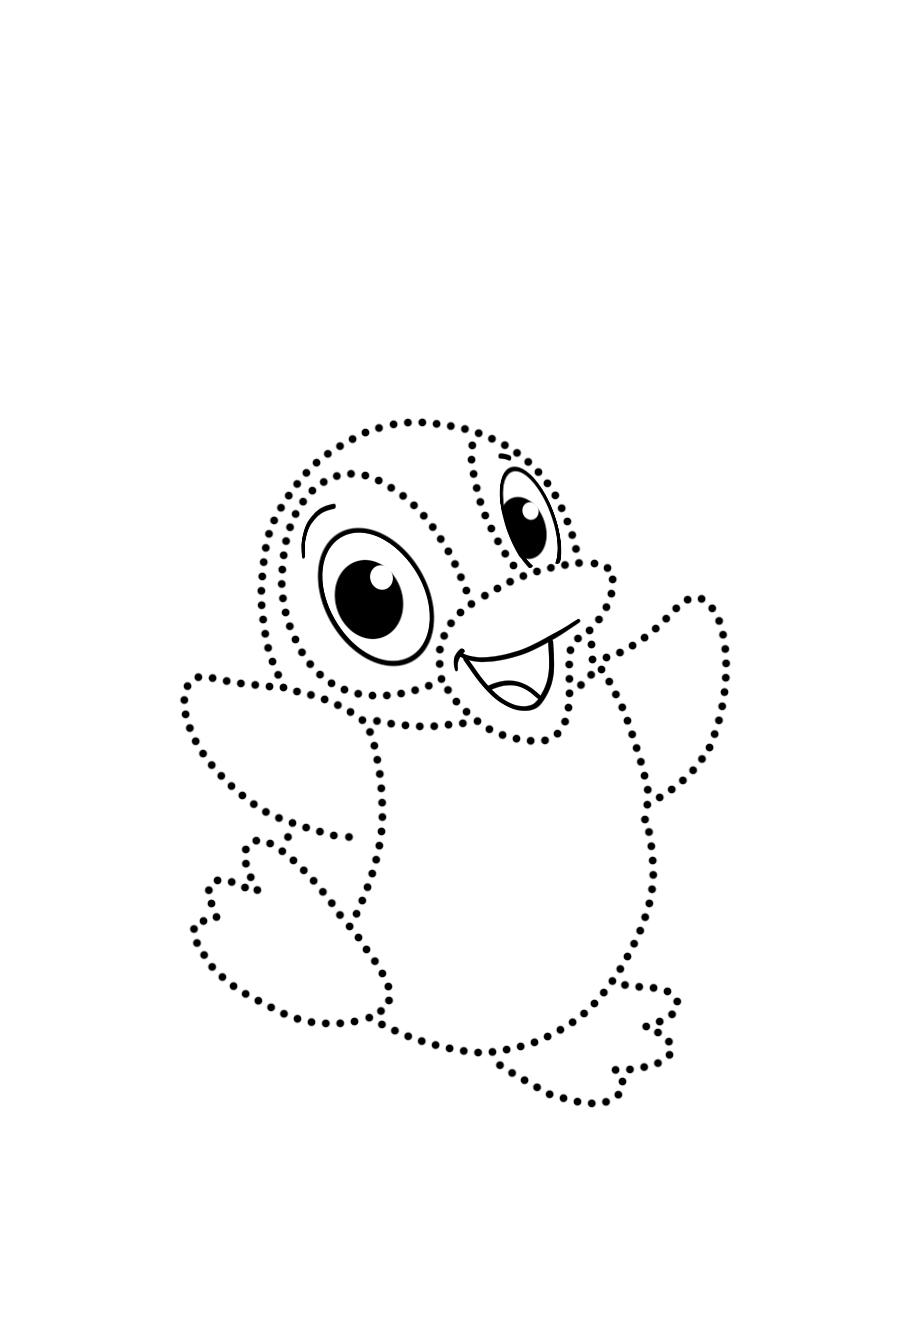 Penguin points